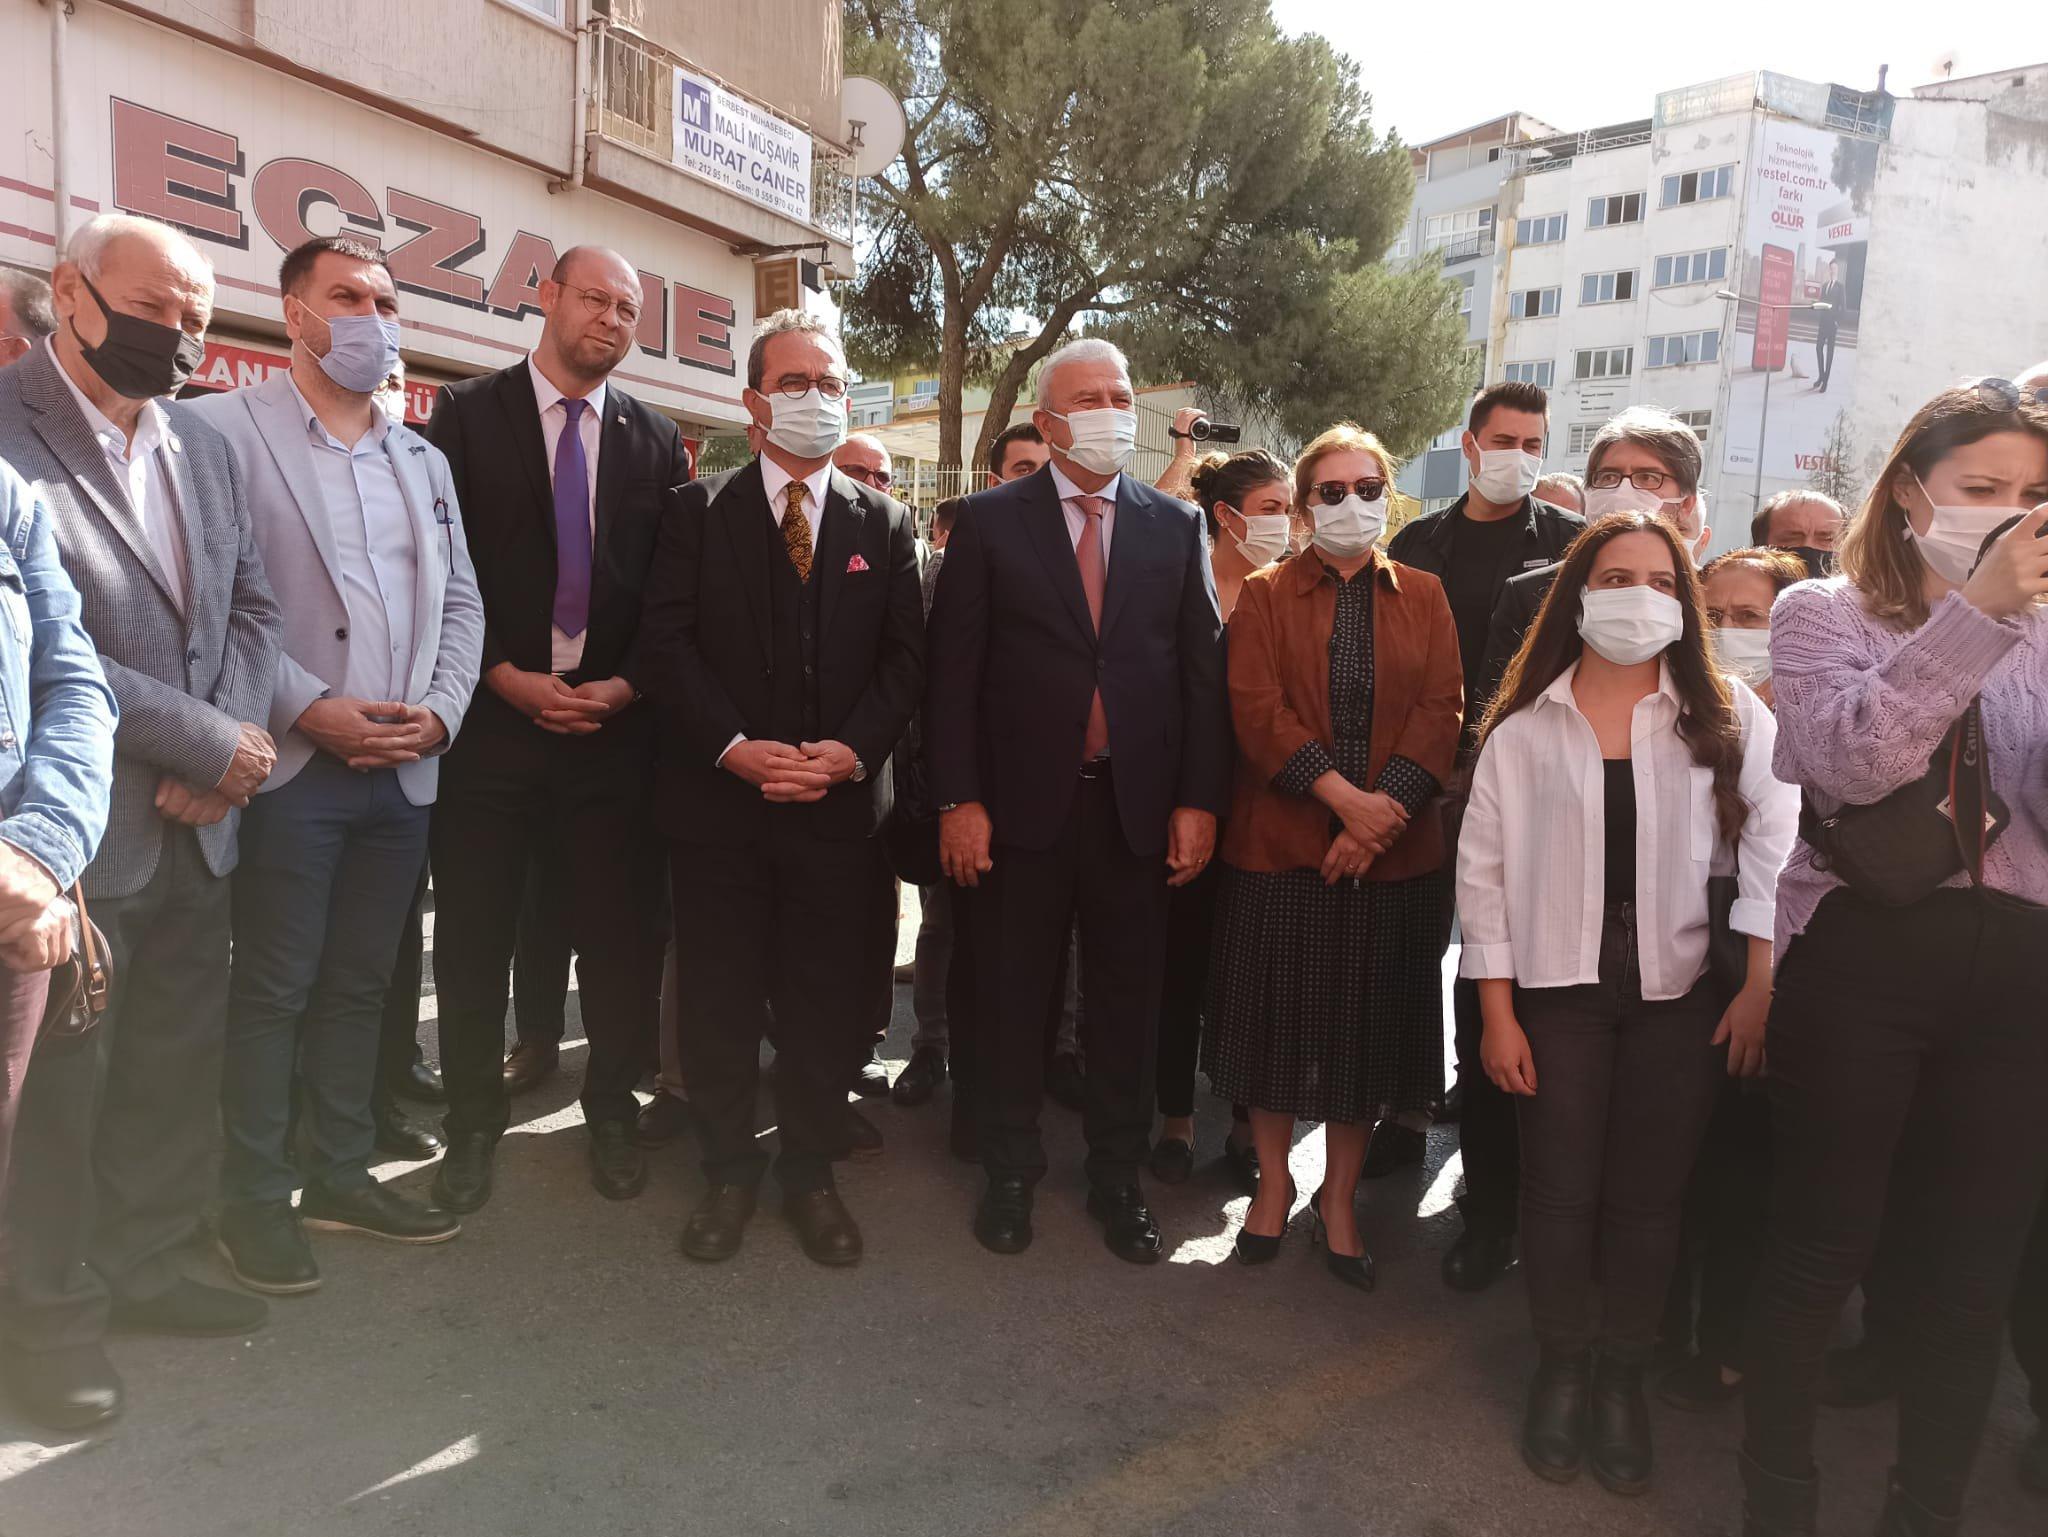 Odamız Meclis Başkan Yardımcısı Fatih Namık TALAY, Efeler Belediyesi Efeler Hanımevi açılış törenine katılım sağladı.